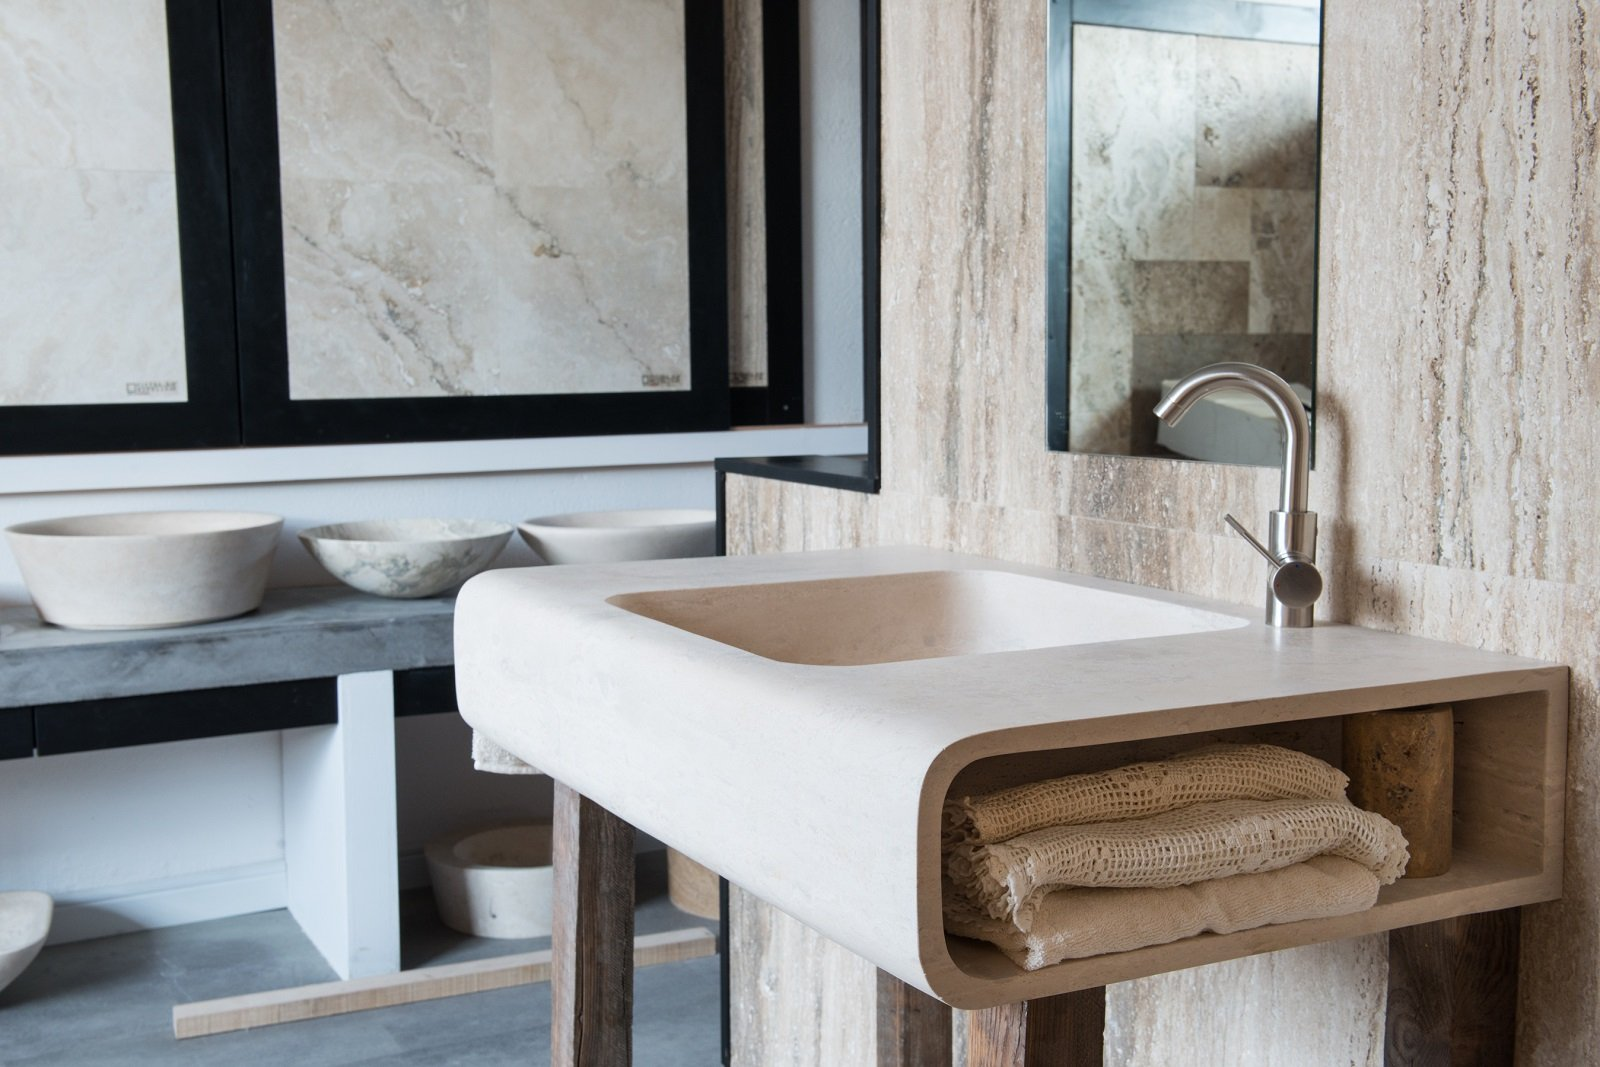 Bagno Piccolo Di Design : Soluzioni salvaspazio per il bagno per risparmiare centimetri